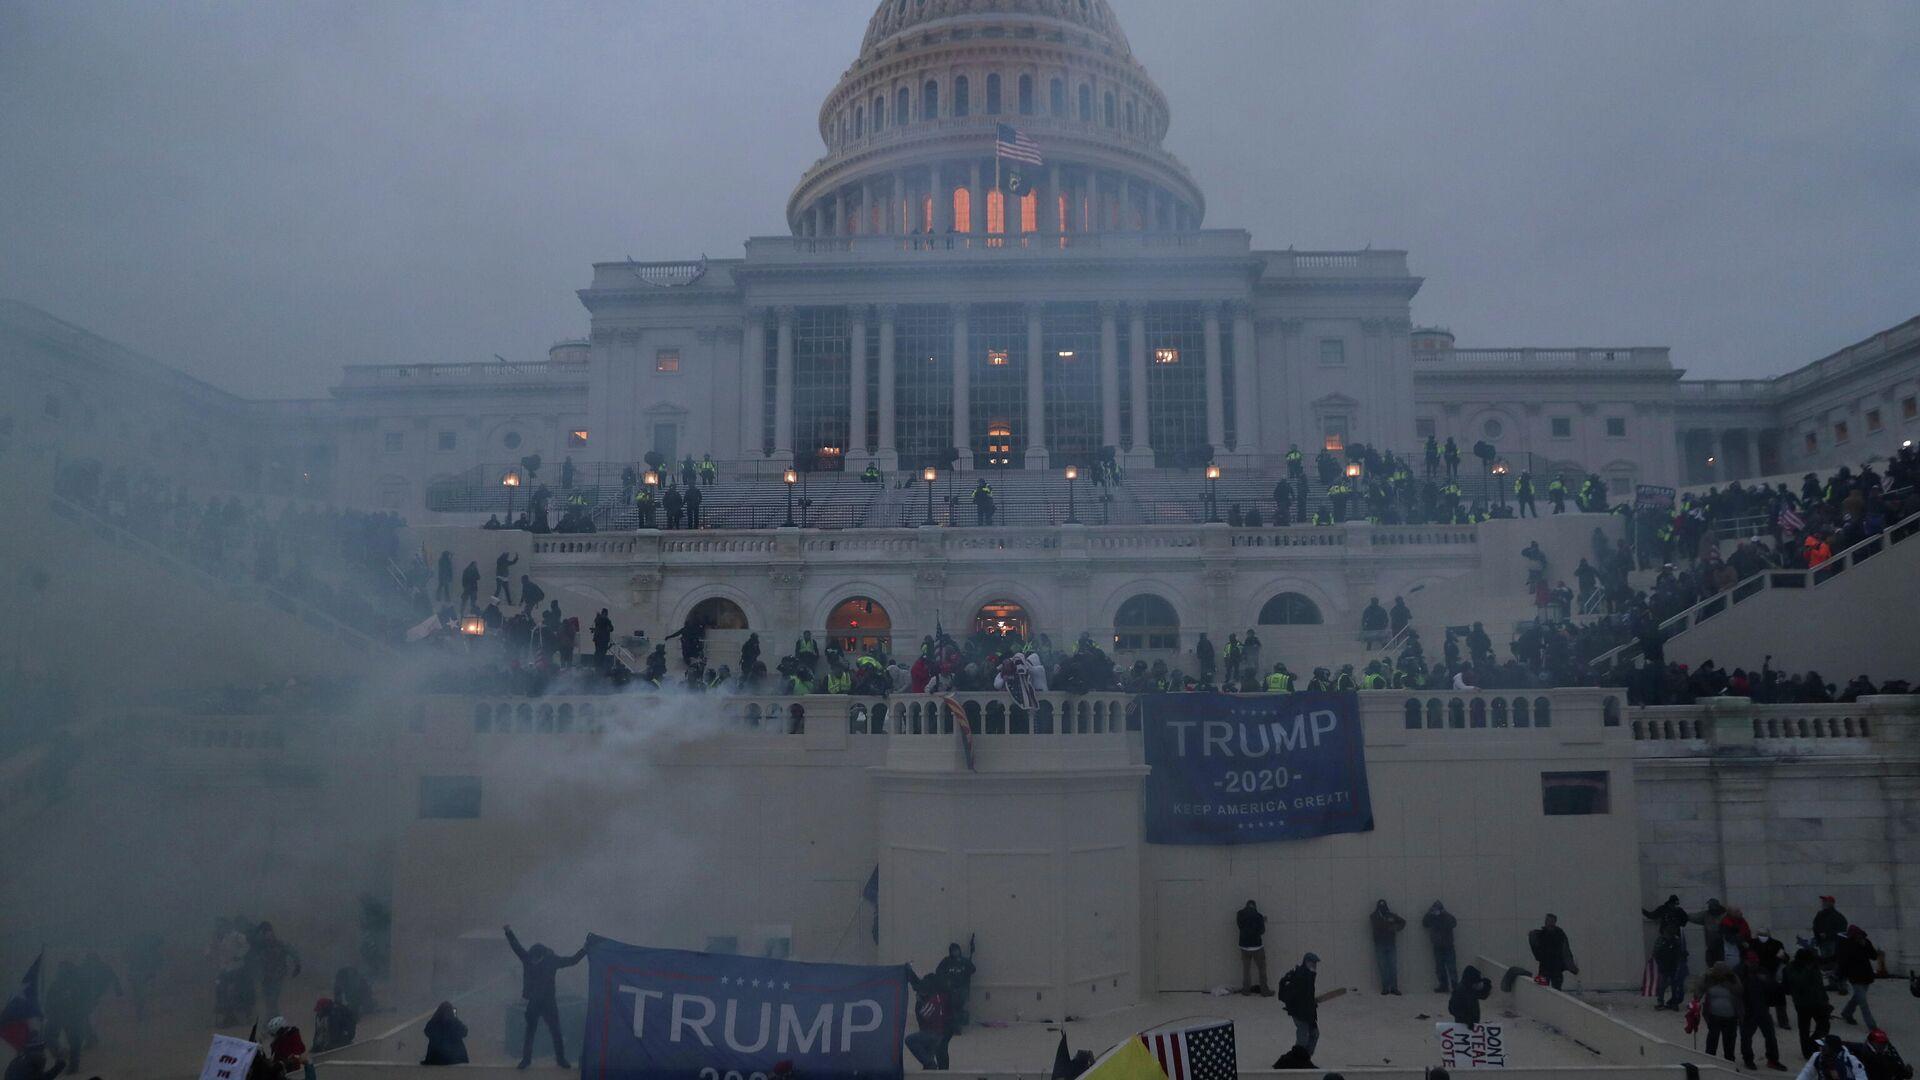 Anhänger von Donald Trump erstürmen das US-Kapitol - SNA, 1920, 08.01.2021